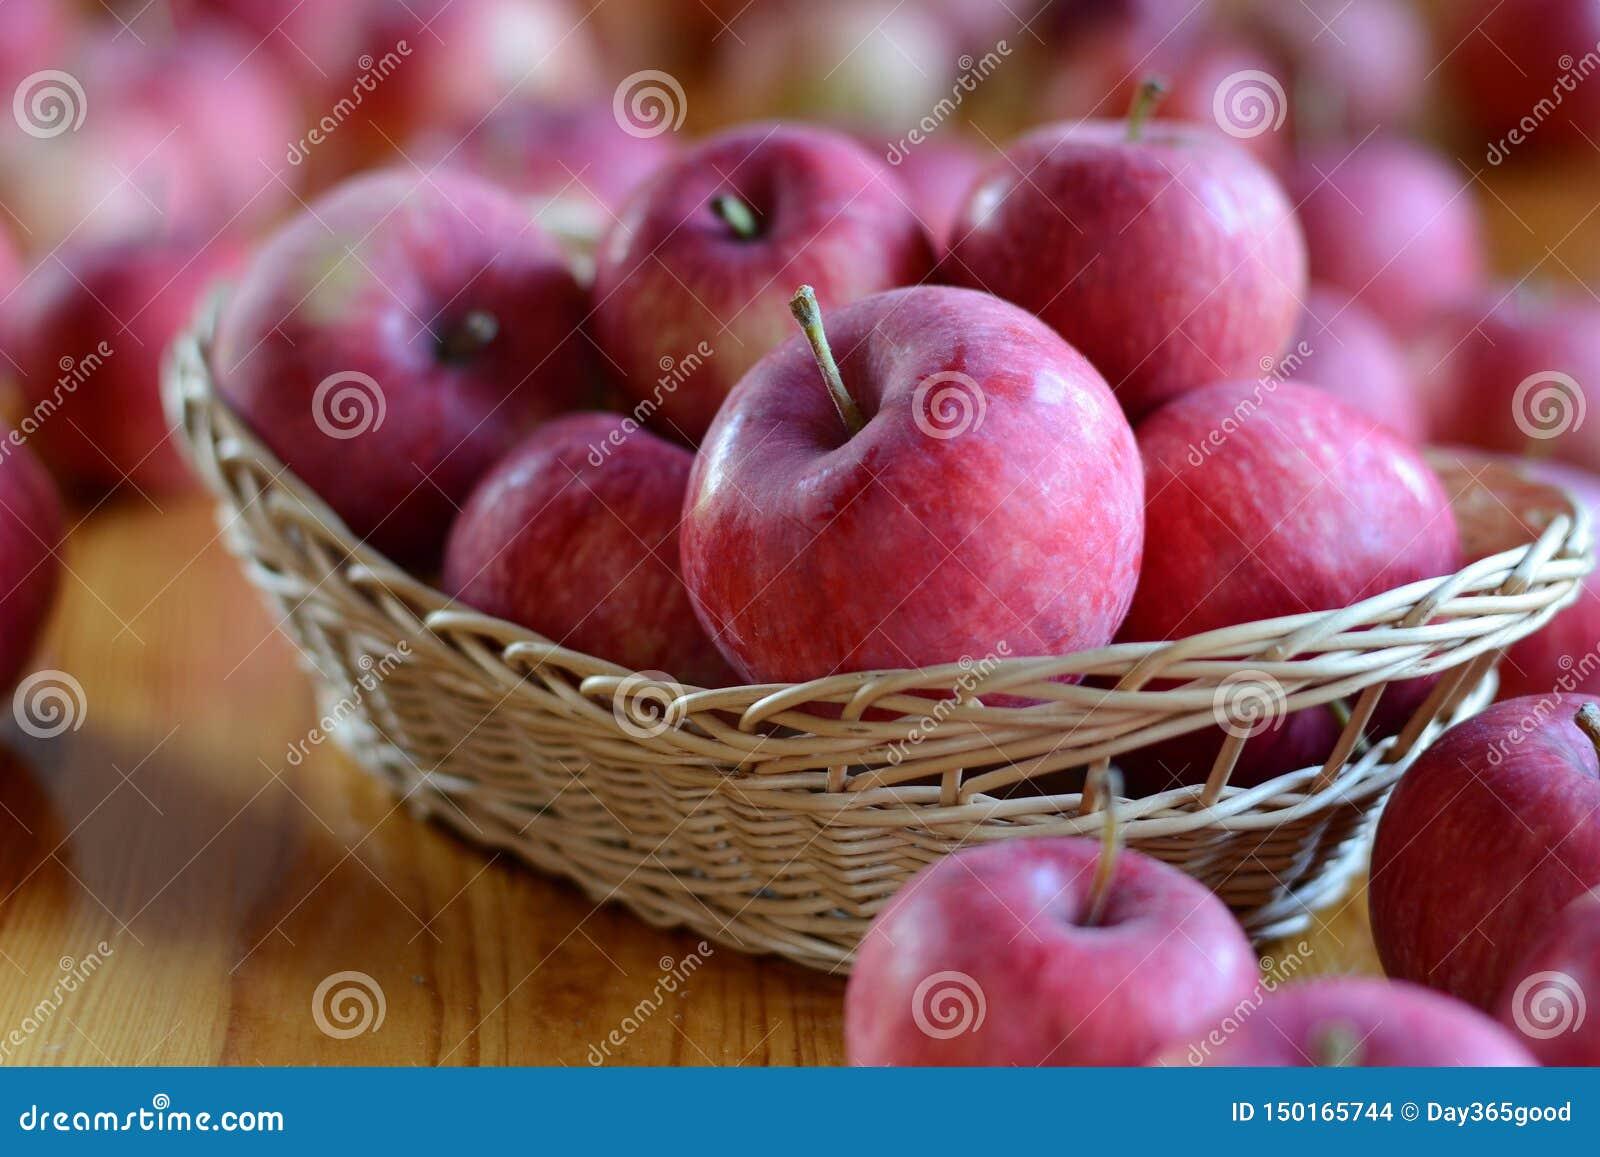 Μήλα στο καλάθι στο ξύλινο υπόβαθρο Χρόνος συγκομιδών, φθινόπωρο, πολλά κόκκινα μήλα